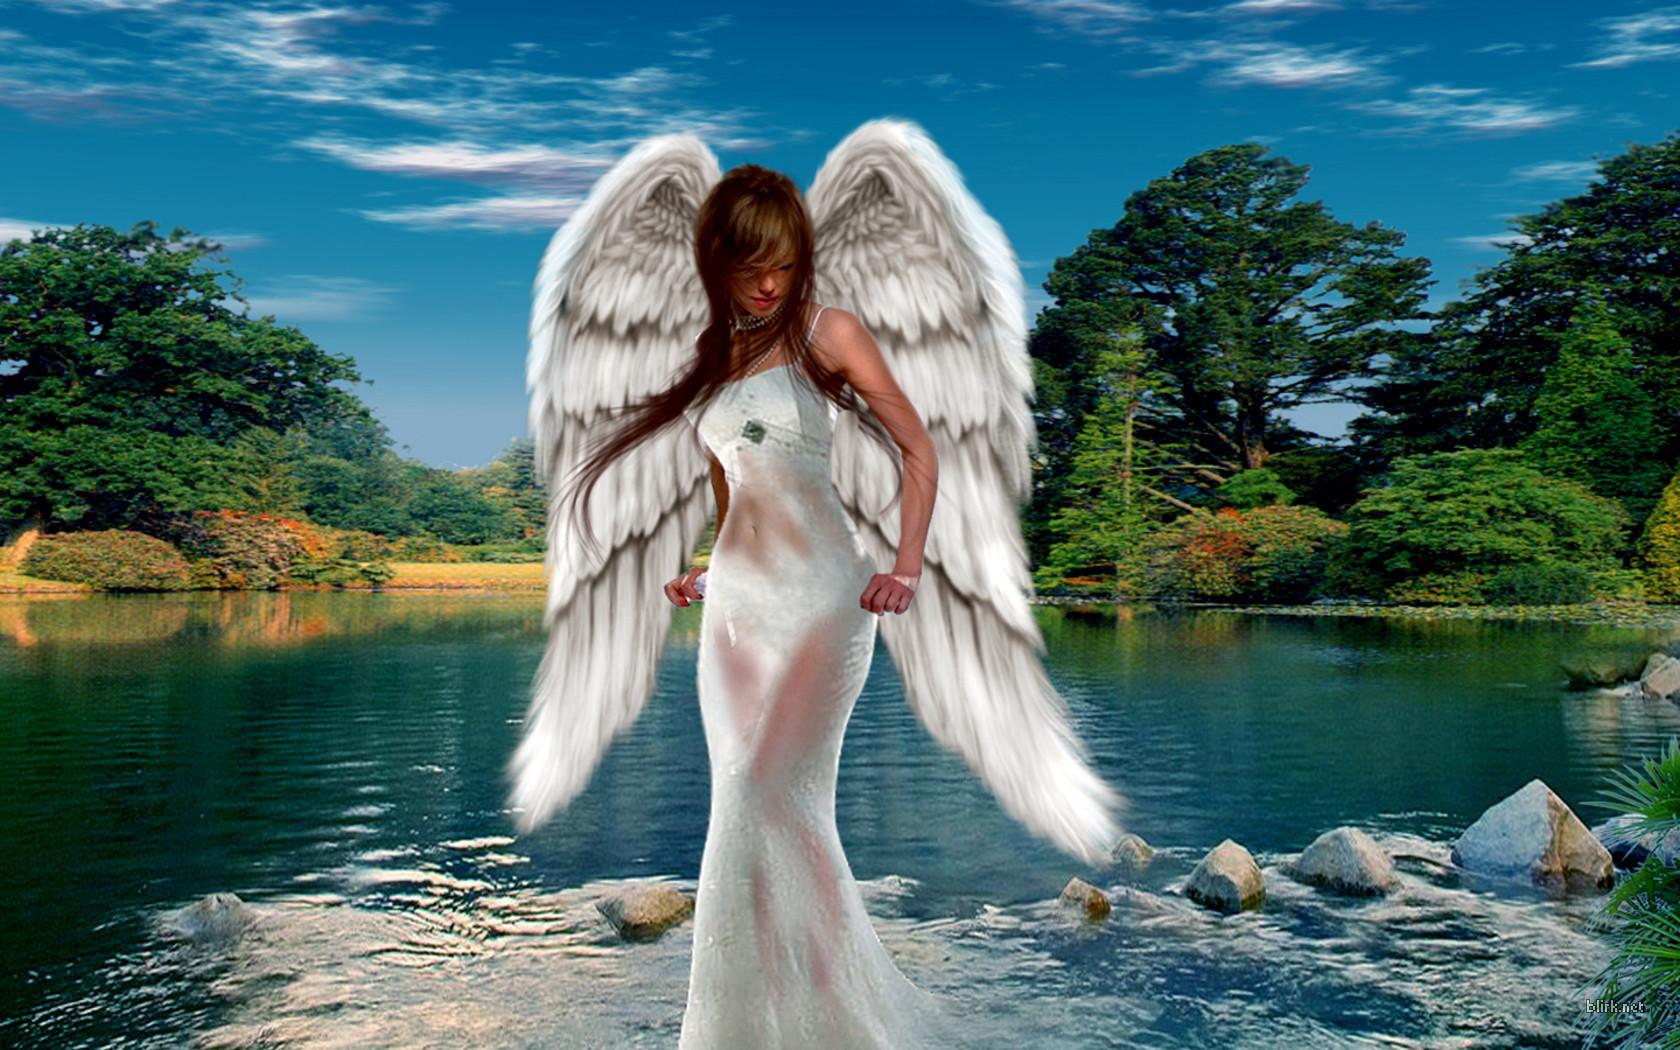 african american screensavers and wallpaper wallpapersafari black angel clipart images black angel clipart images